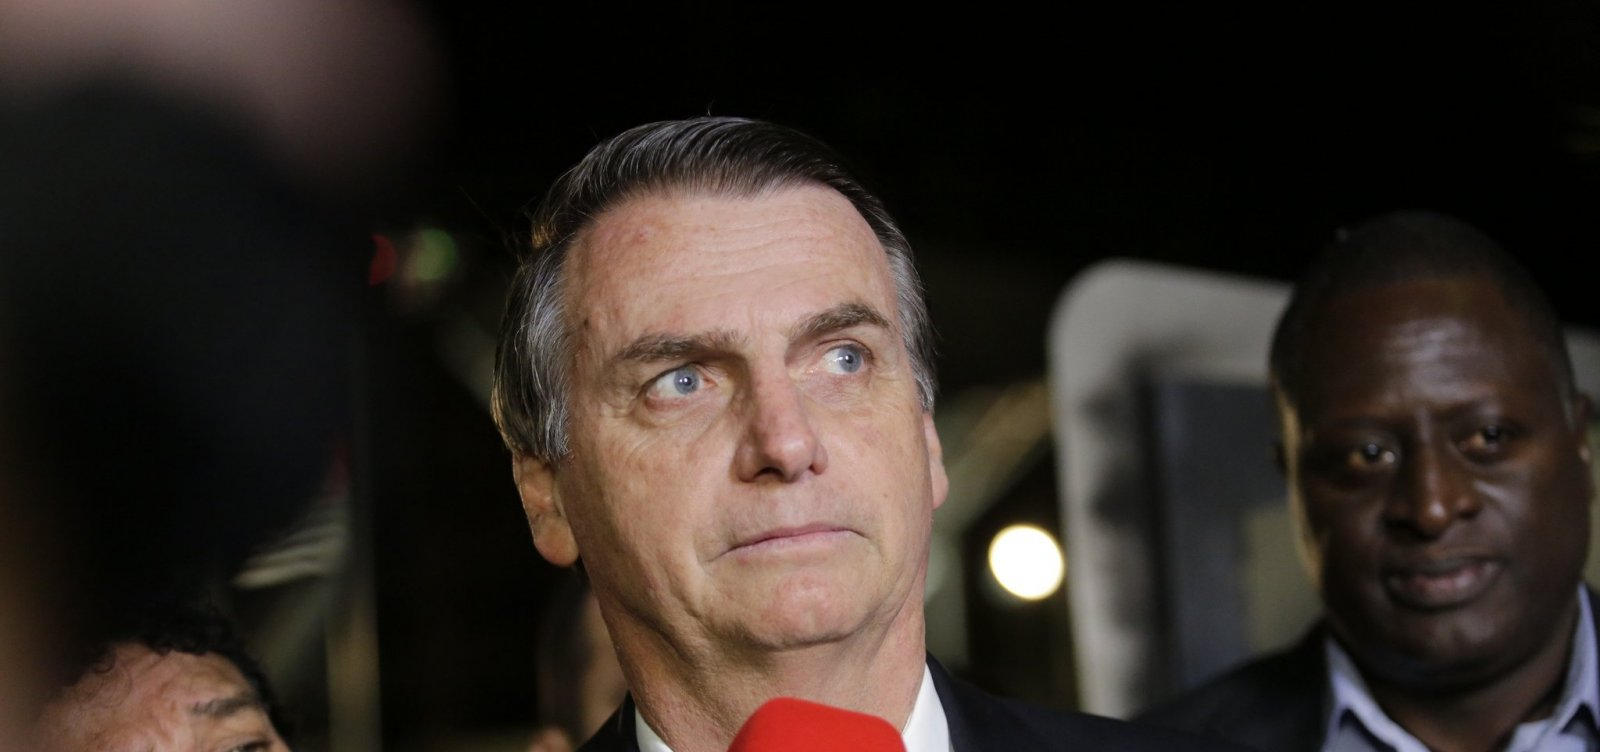 [Técnicos do TSE apontam 17 irregularidades em contas eleitorais de Bolsonaro]